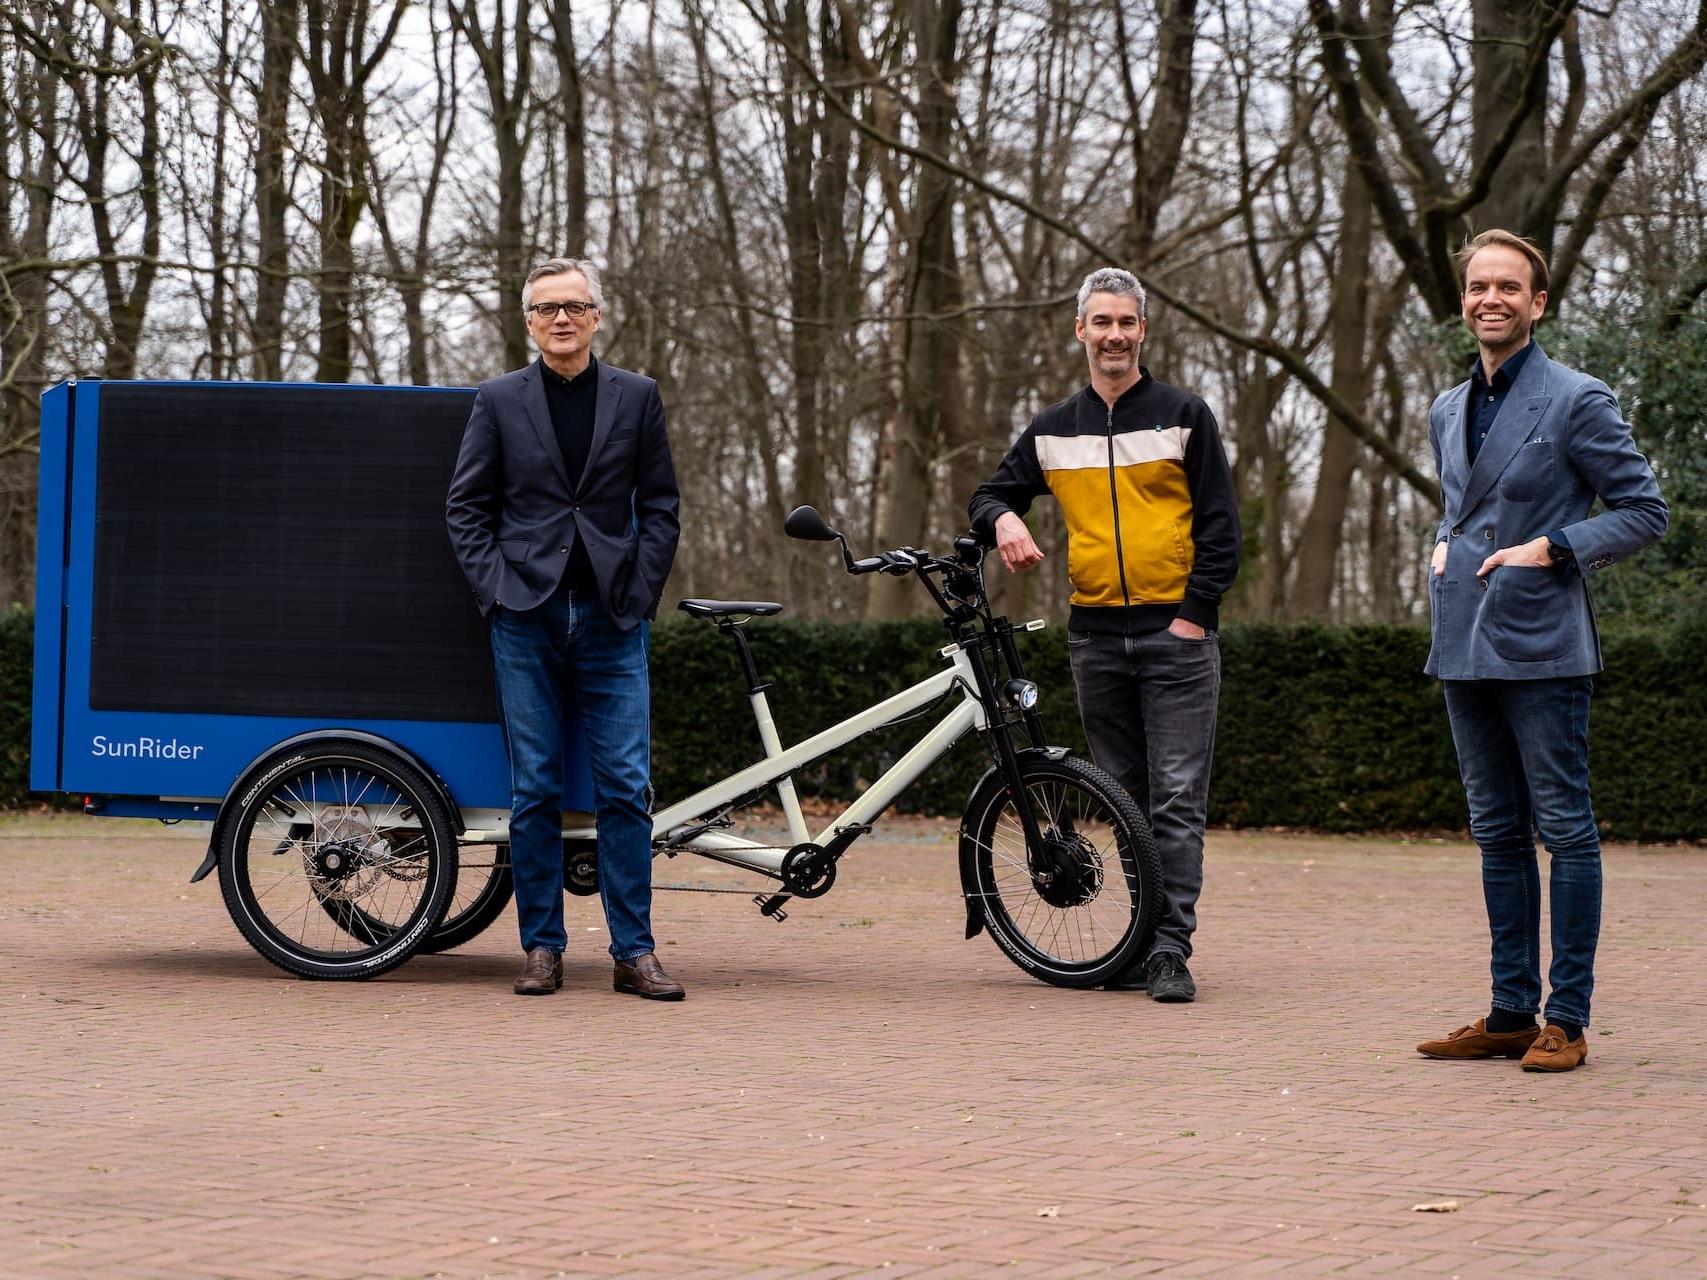 Need The Globe lanceert SunRider: de eerste Solar Cargo E-Bike ter wereld